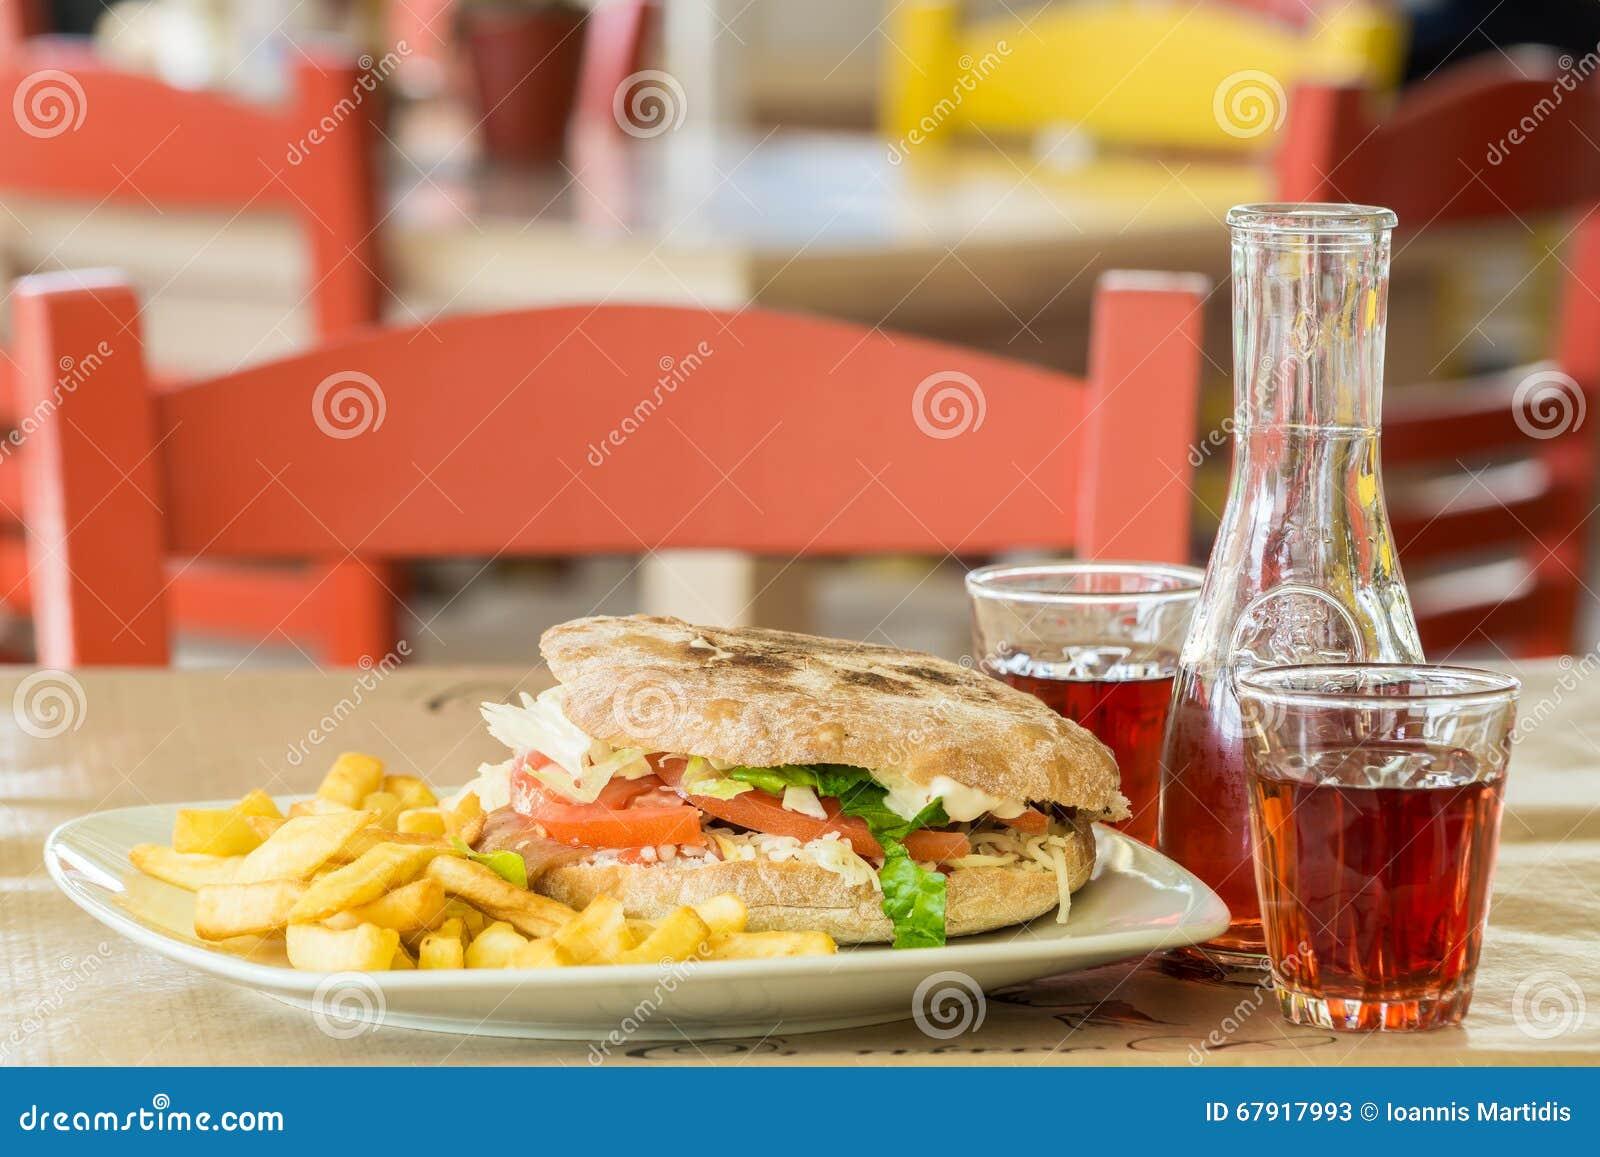 Hamburger des italienischen Brotes mit einem großen Steak Grafin und zwei Gläser Wein In der Taverne in Griechenland